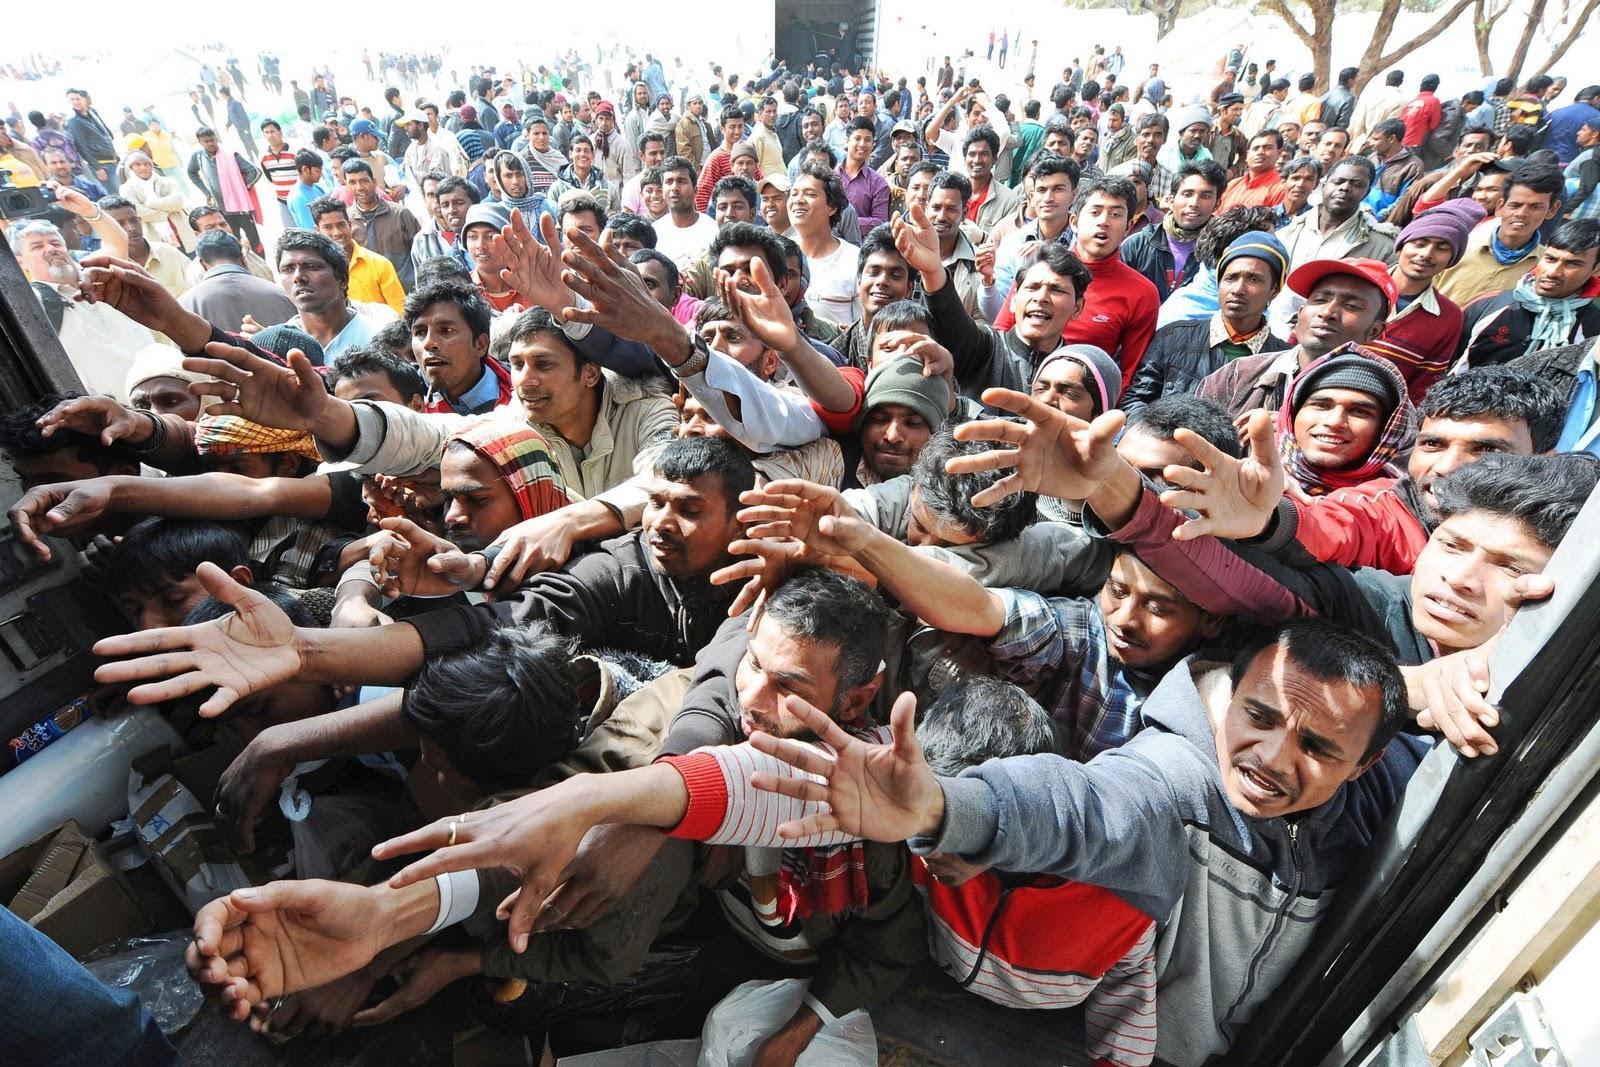 L'ecatombe dei migranti e il cuore grande di Palermo